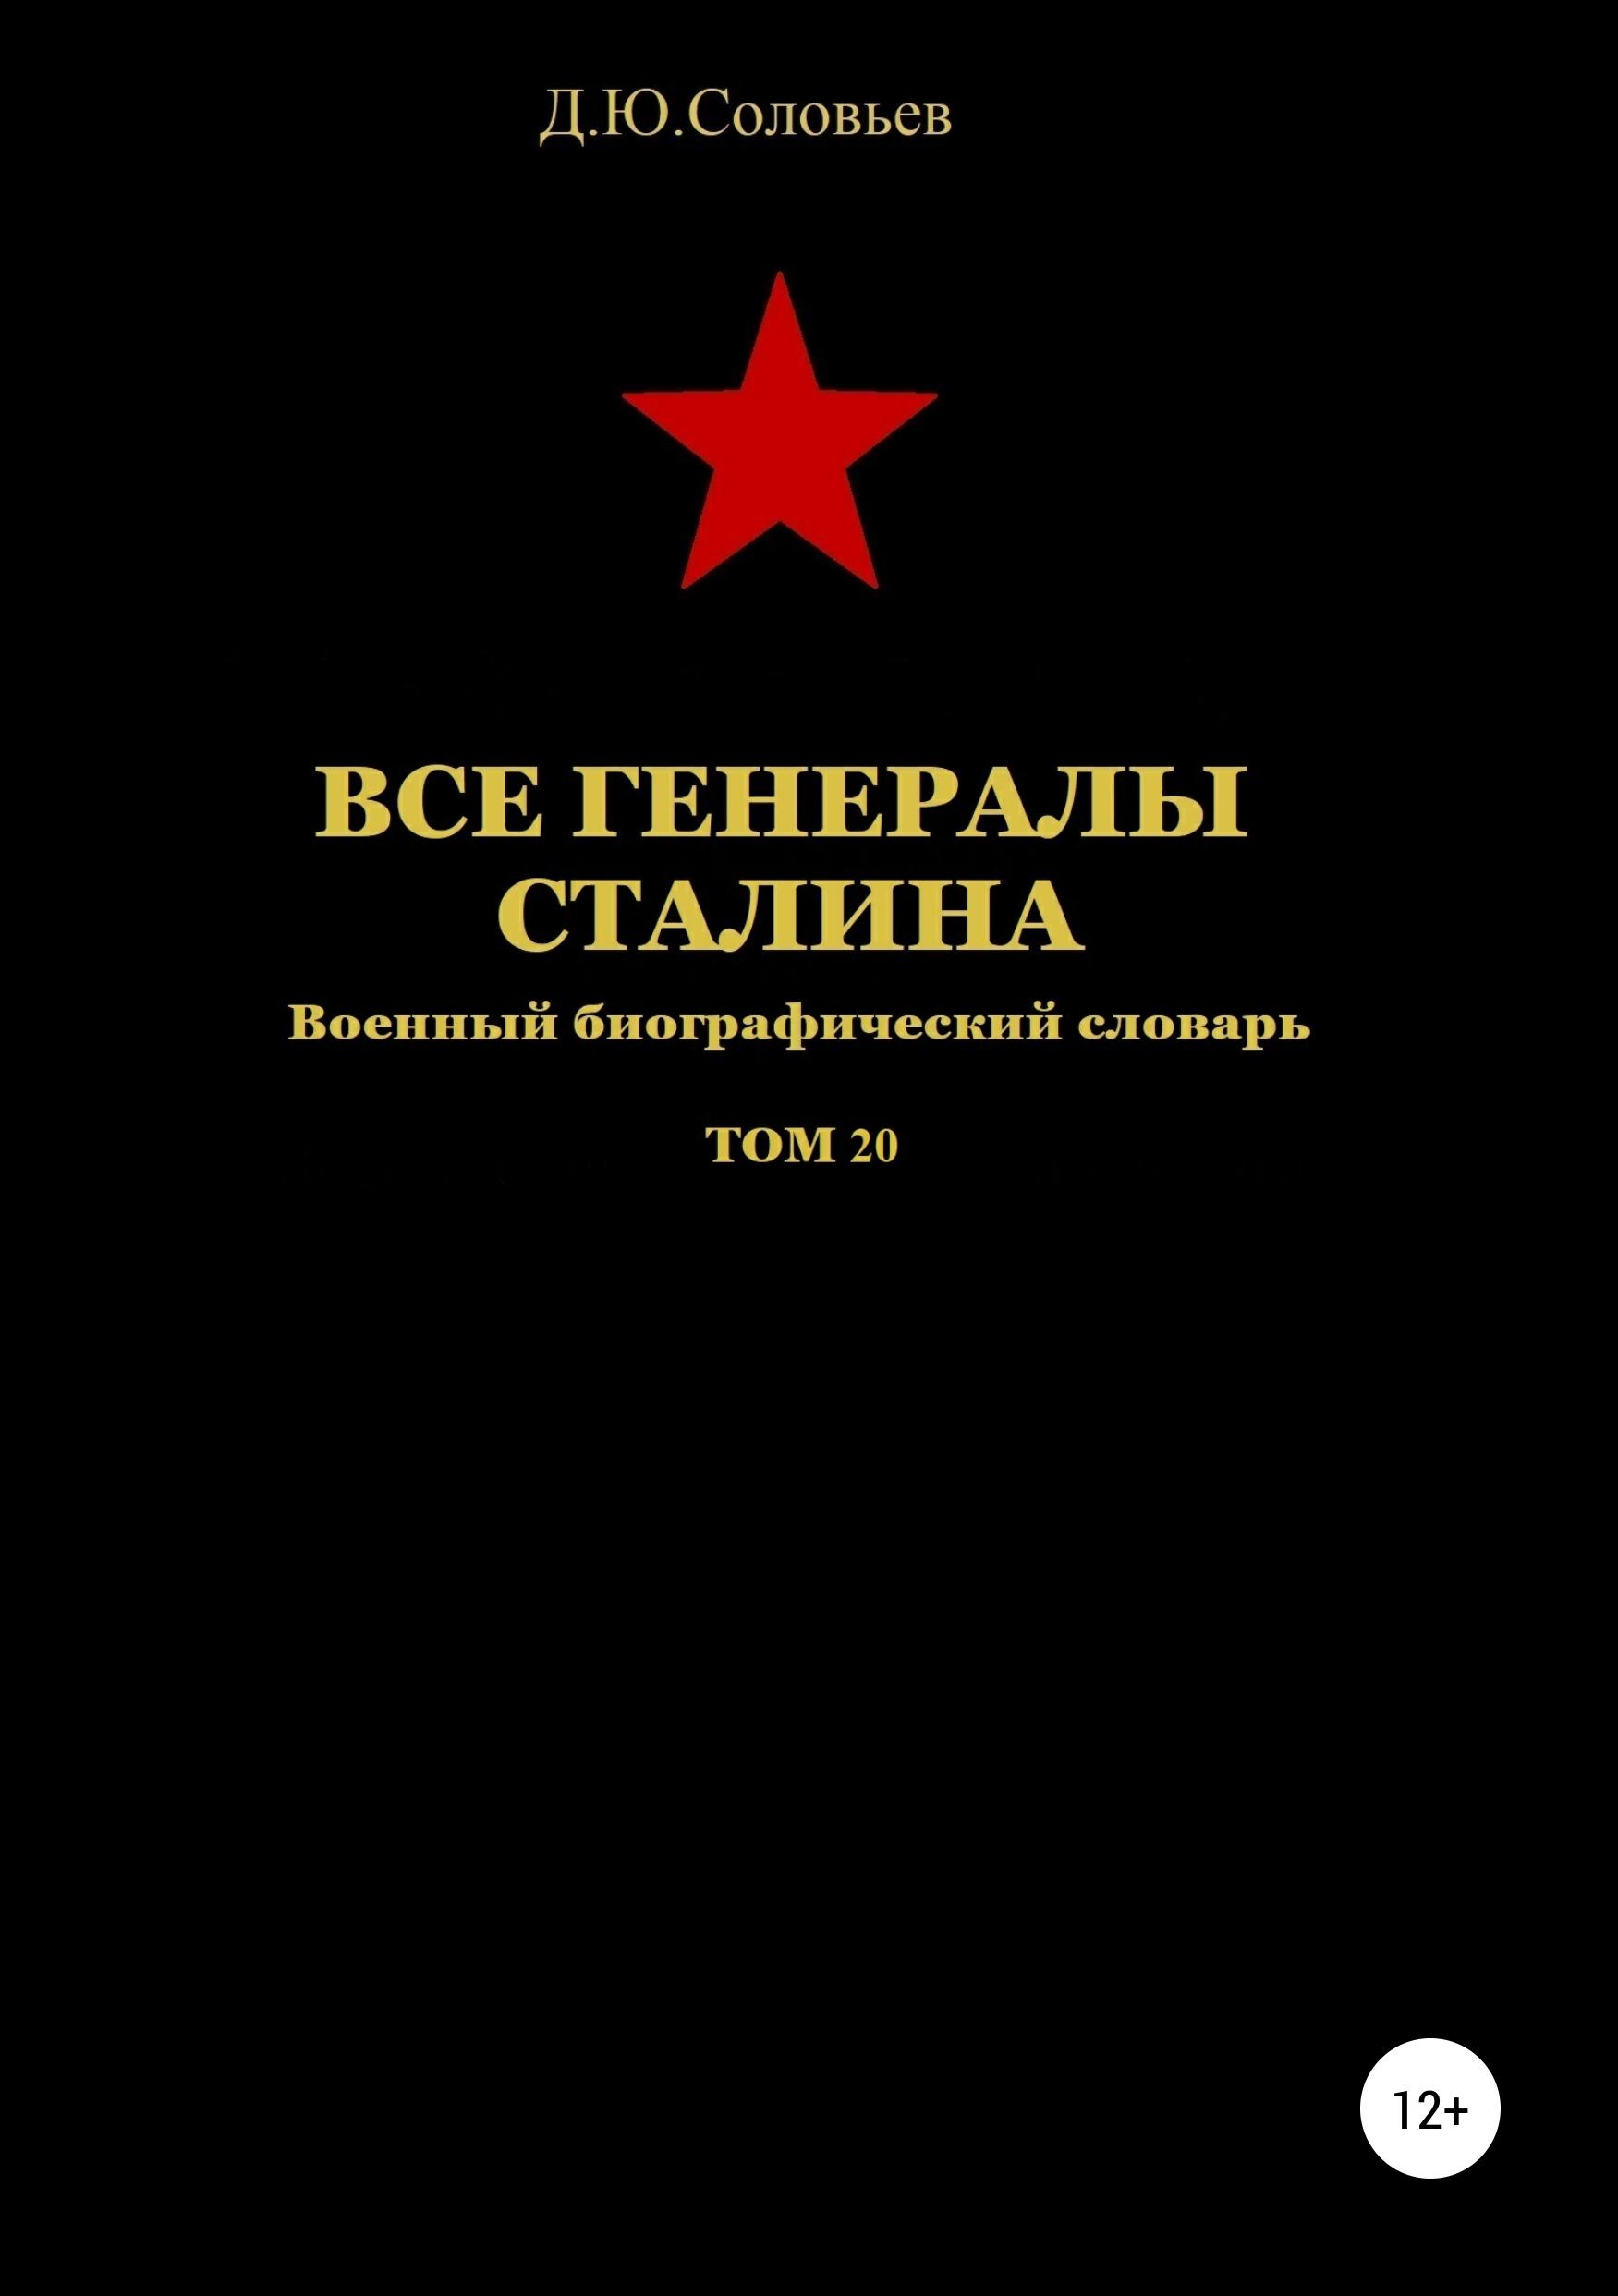 Все генералы Сталина Том 20